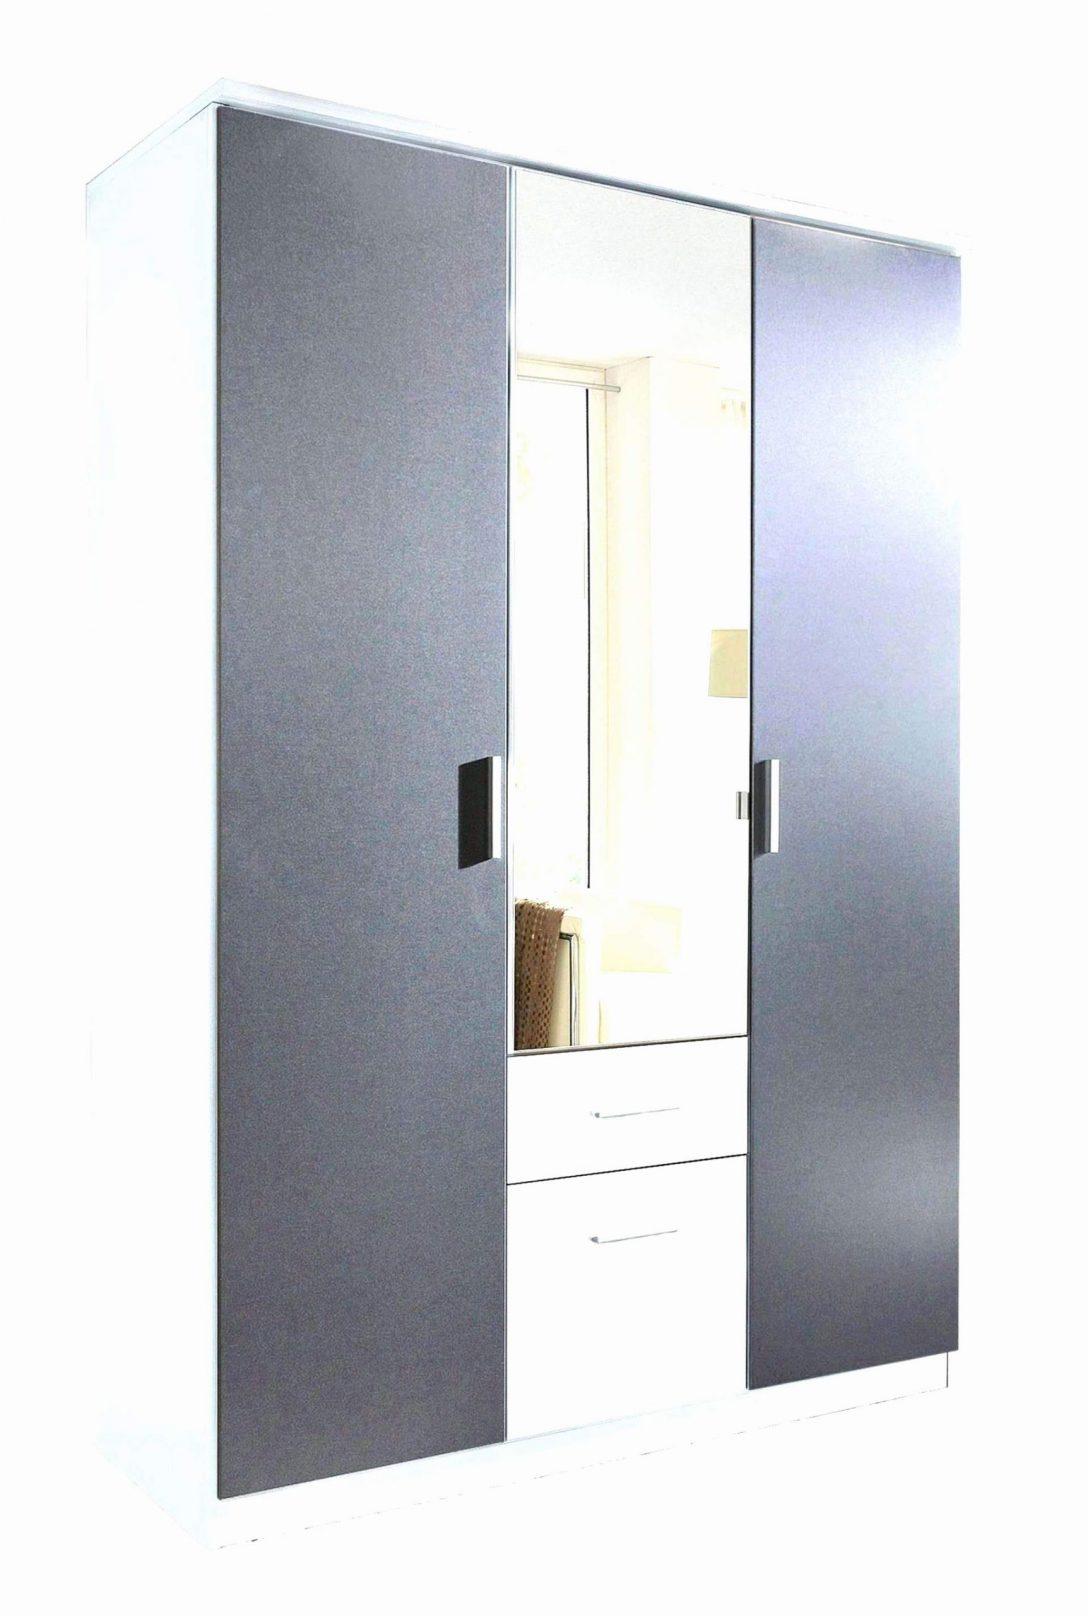 Large Size of Eckschrank Schlafzimmer Eckschrnke Wohnzimmer Elegant Ikea Landhaus Komplett Massivholz Günstige Set Mit Boxspringbett Wandleuchte Regal Wandtattoo Schlafzimmer Eckschrank Schlafzimmer